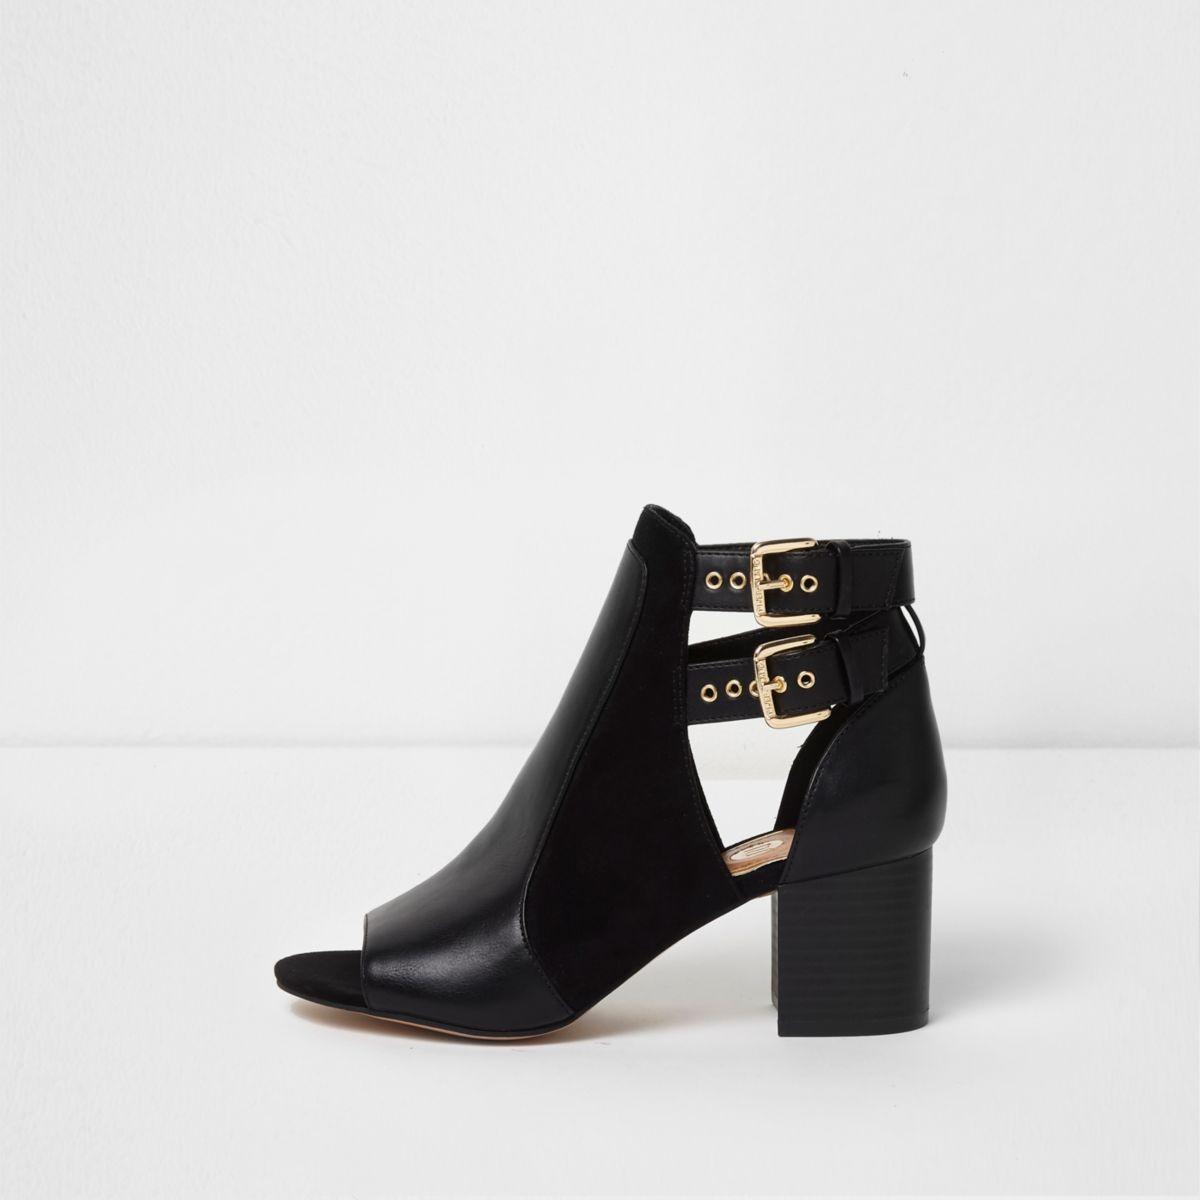 Bottes De Chaussures Peep Toe Gris Avec Deux Boucles 3BEP6VvVna